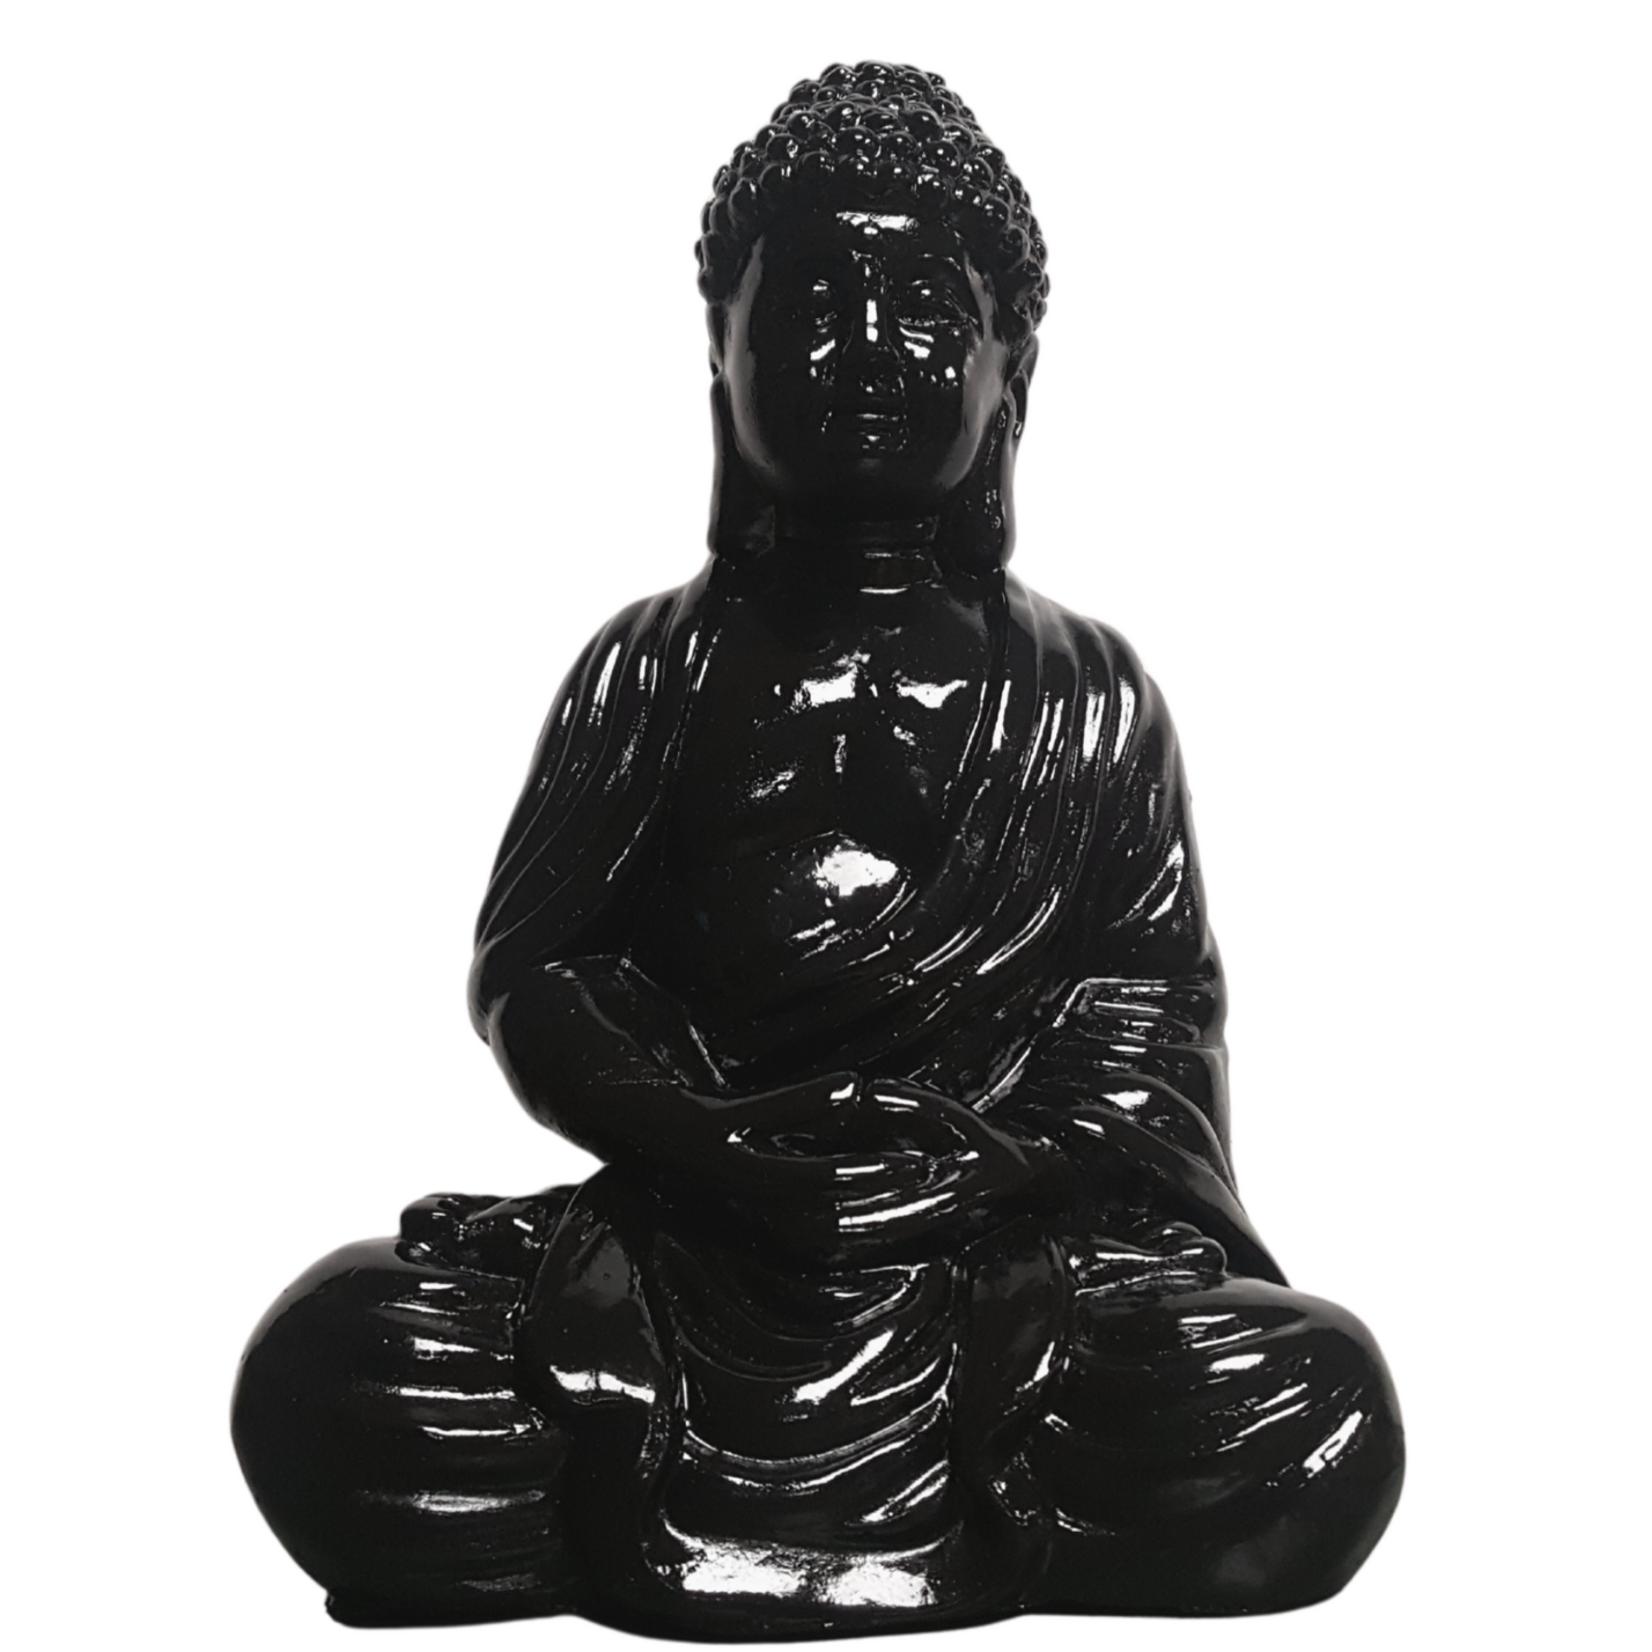 Guatama Large Buddha Black